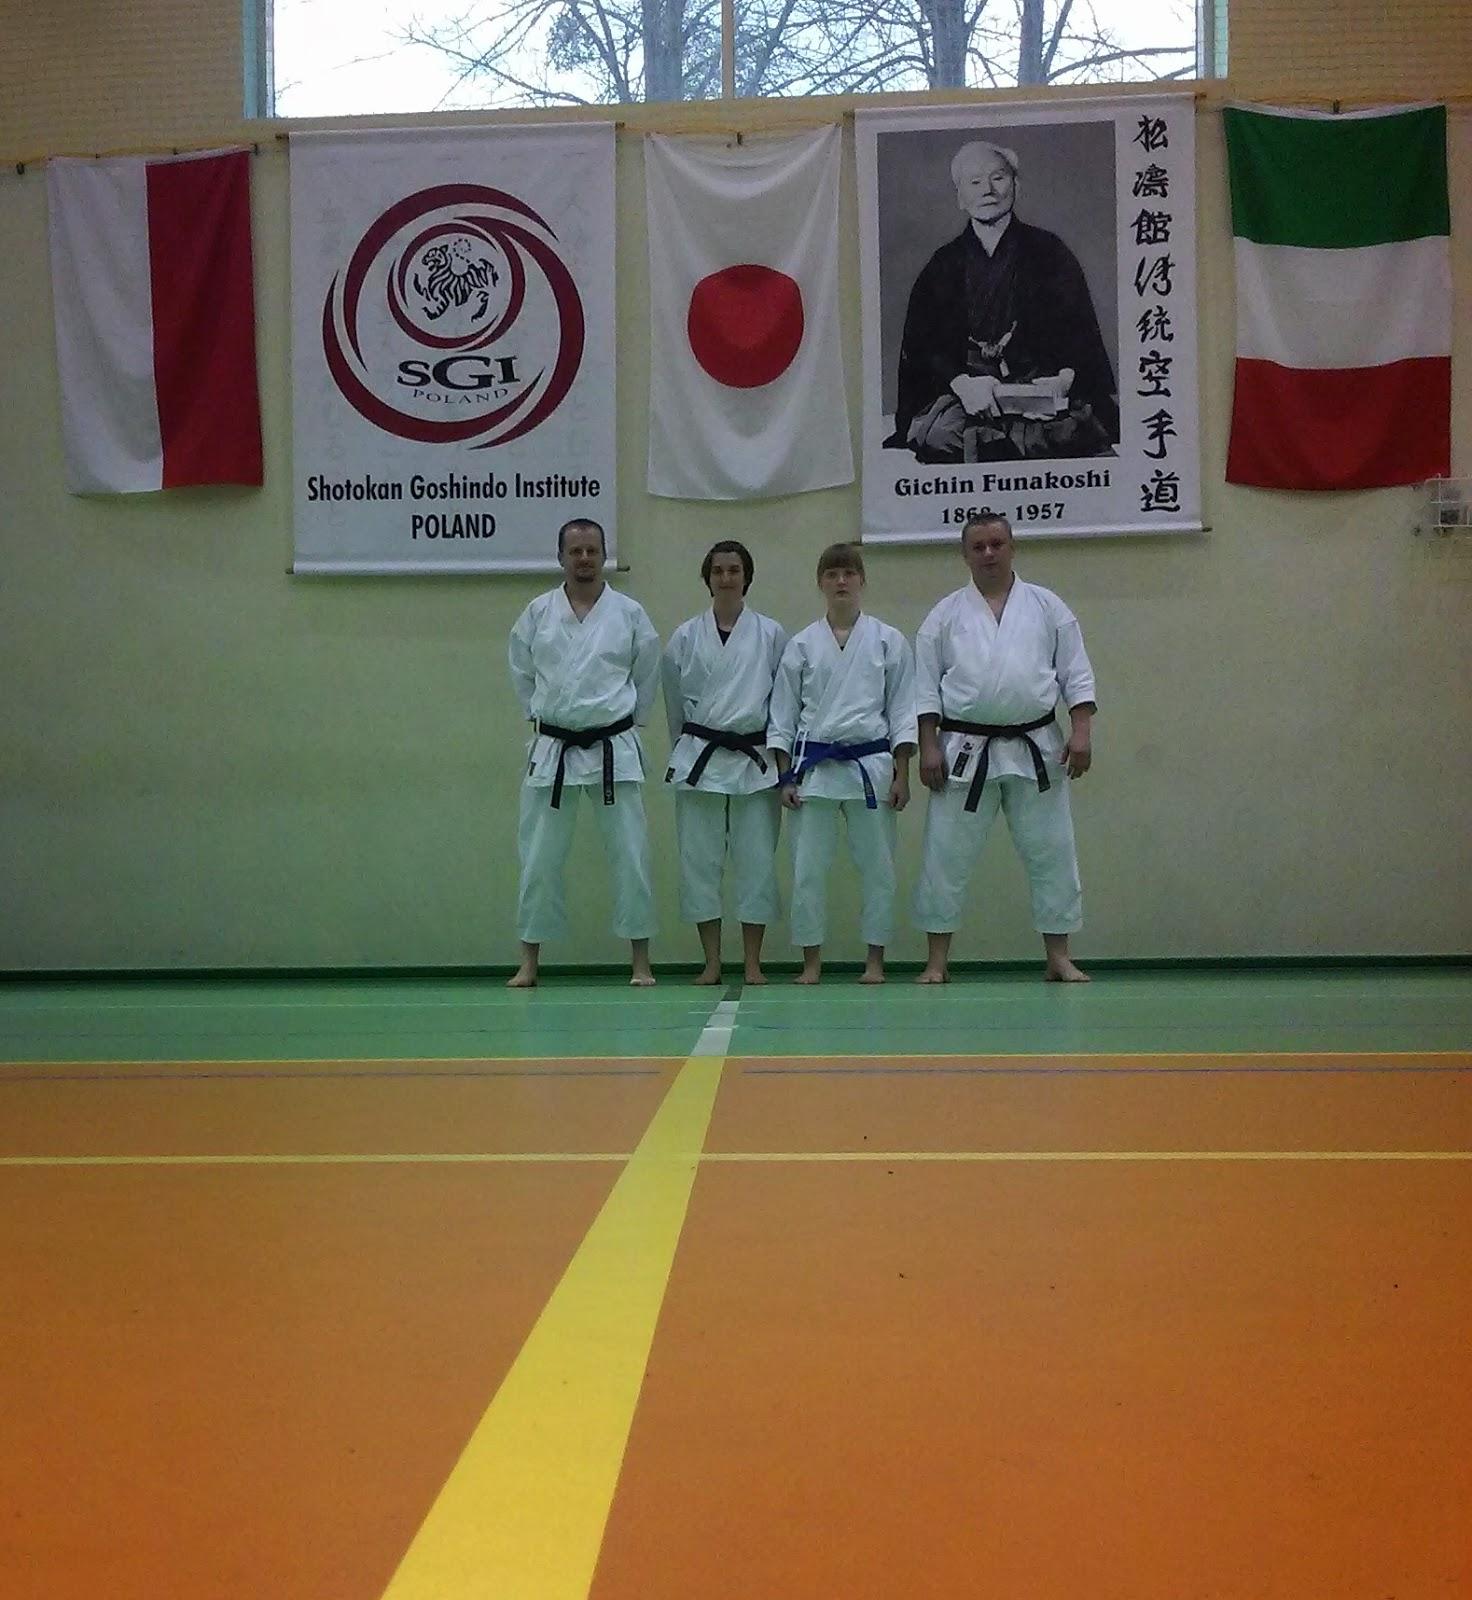 http://sgipoland.pl/78-aktualnosci/162-ix-miedzynarodowe-seminarium-shotokan-goshin-karatedo